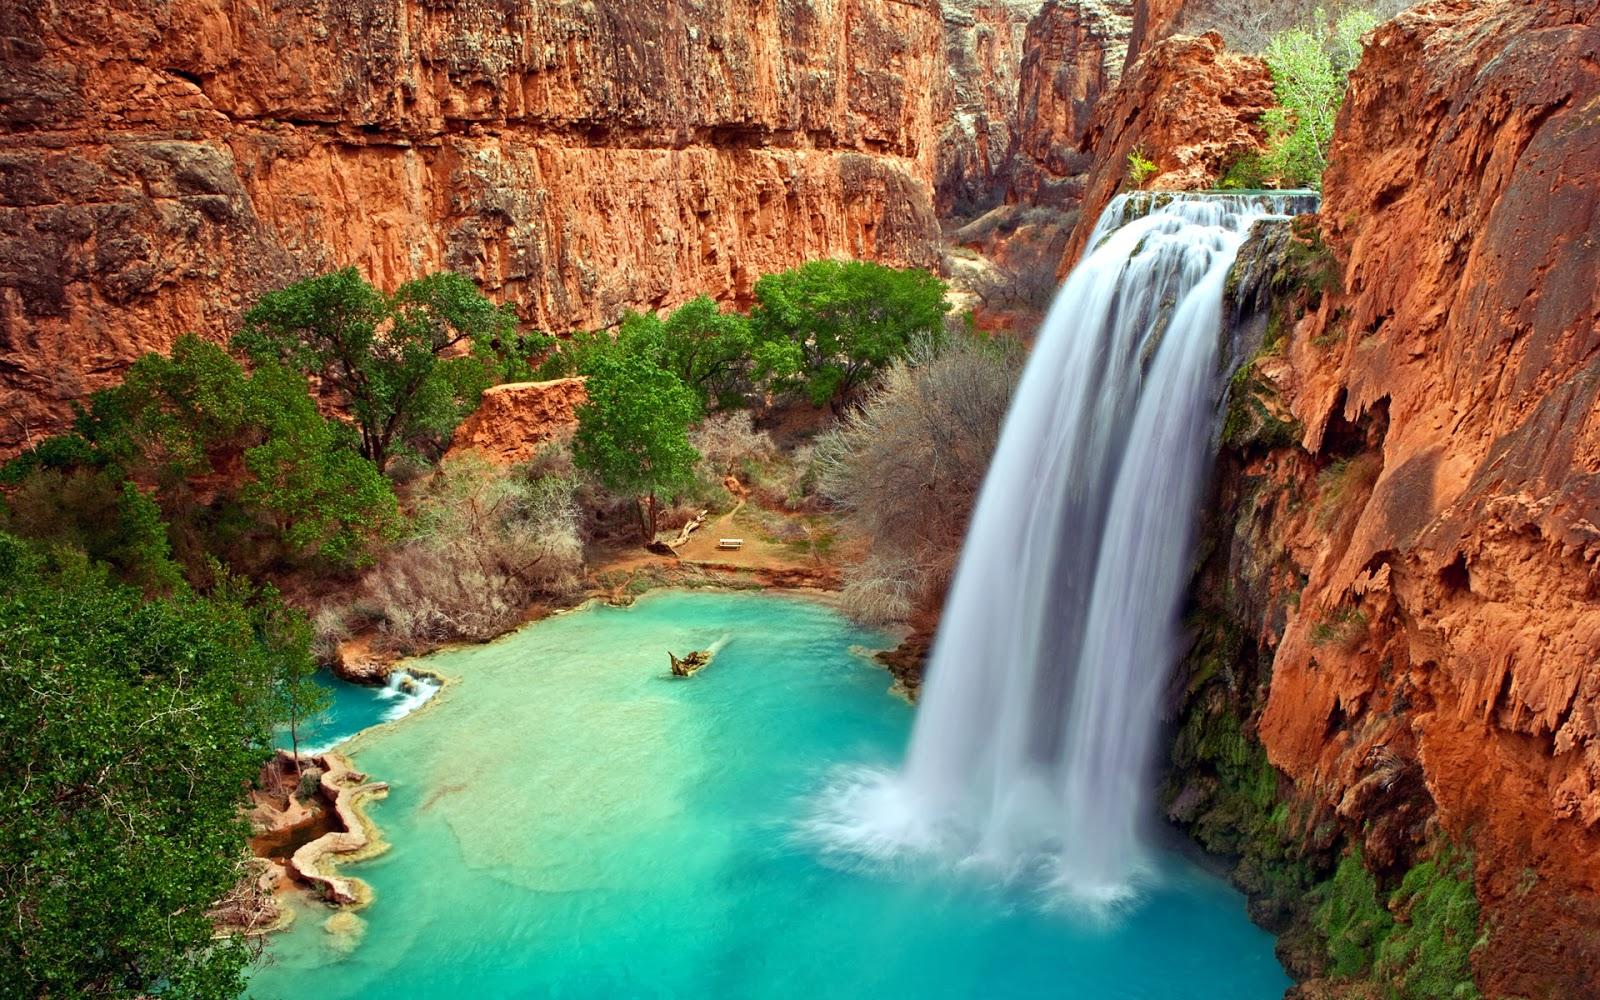 """<img src=""""http://1.bp.blogspot.com/-Q3gGNLFHTVc/Ut5NQzCs7UI/AAAAAAAAJkI/5MVWxuRzr9k/s1600/arizona-waterfalls.jpg"""" alt=""""arizona waterfalls"""" />"""